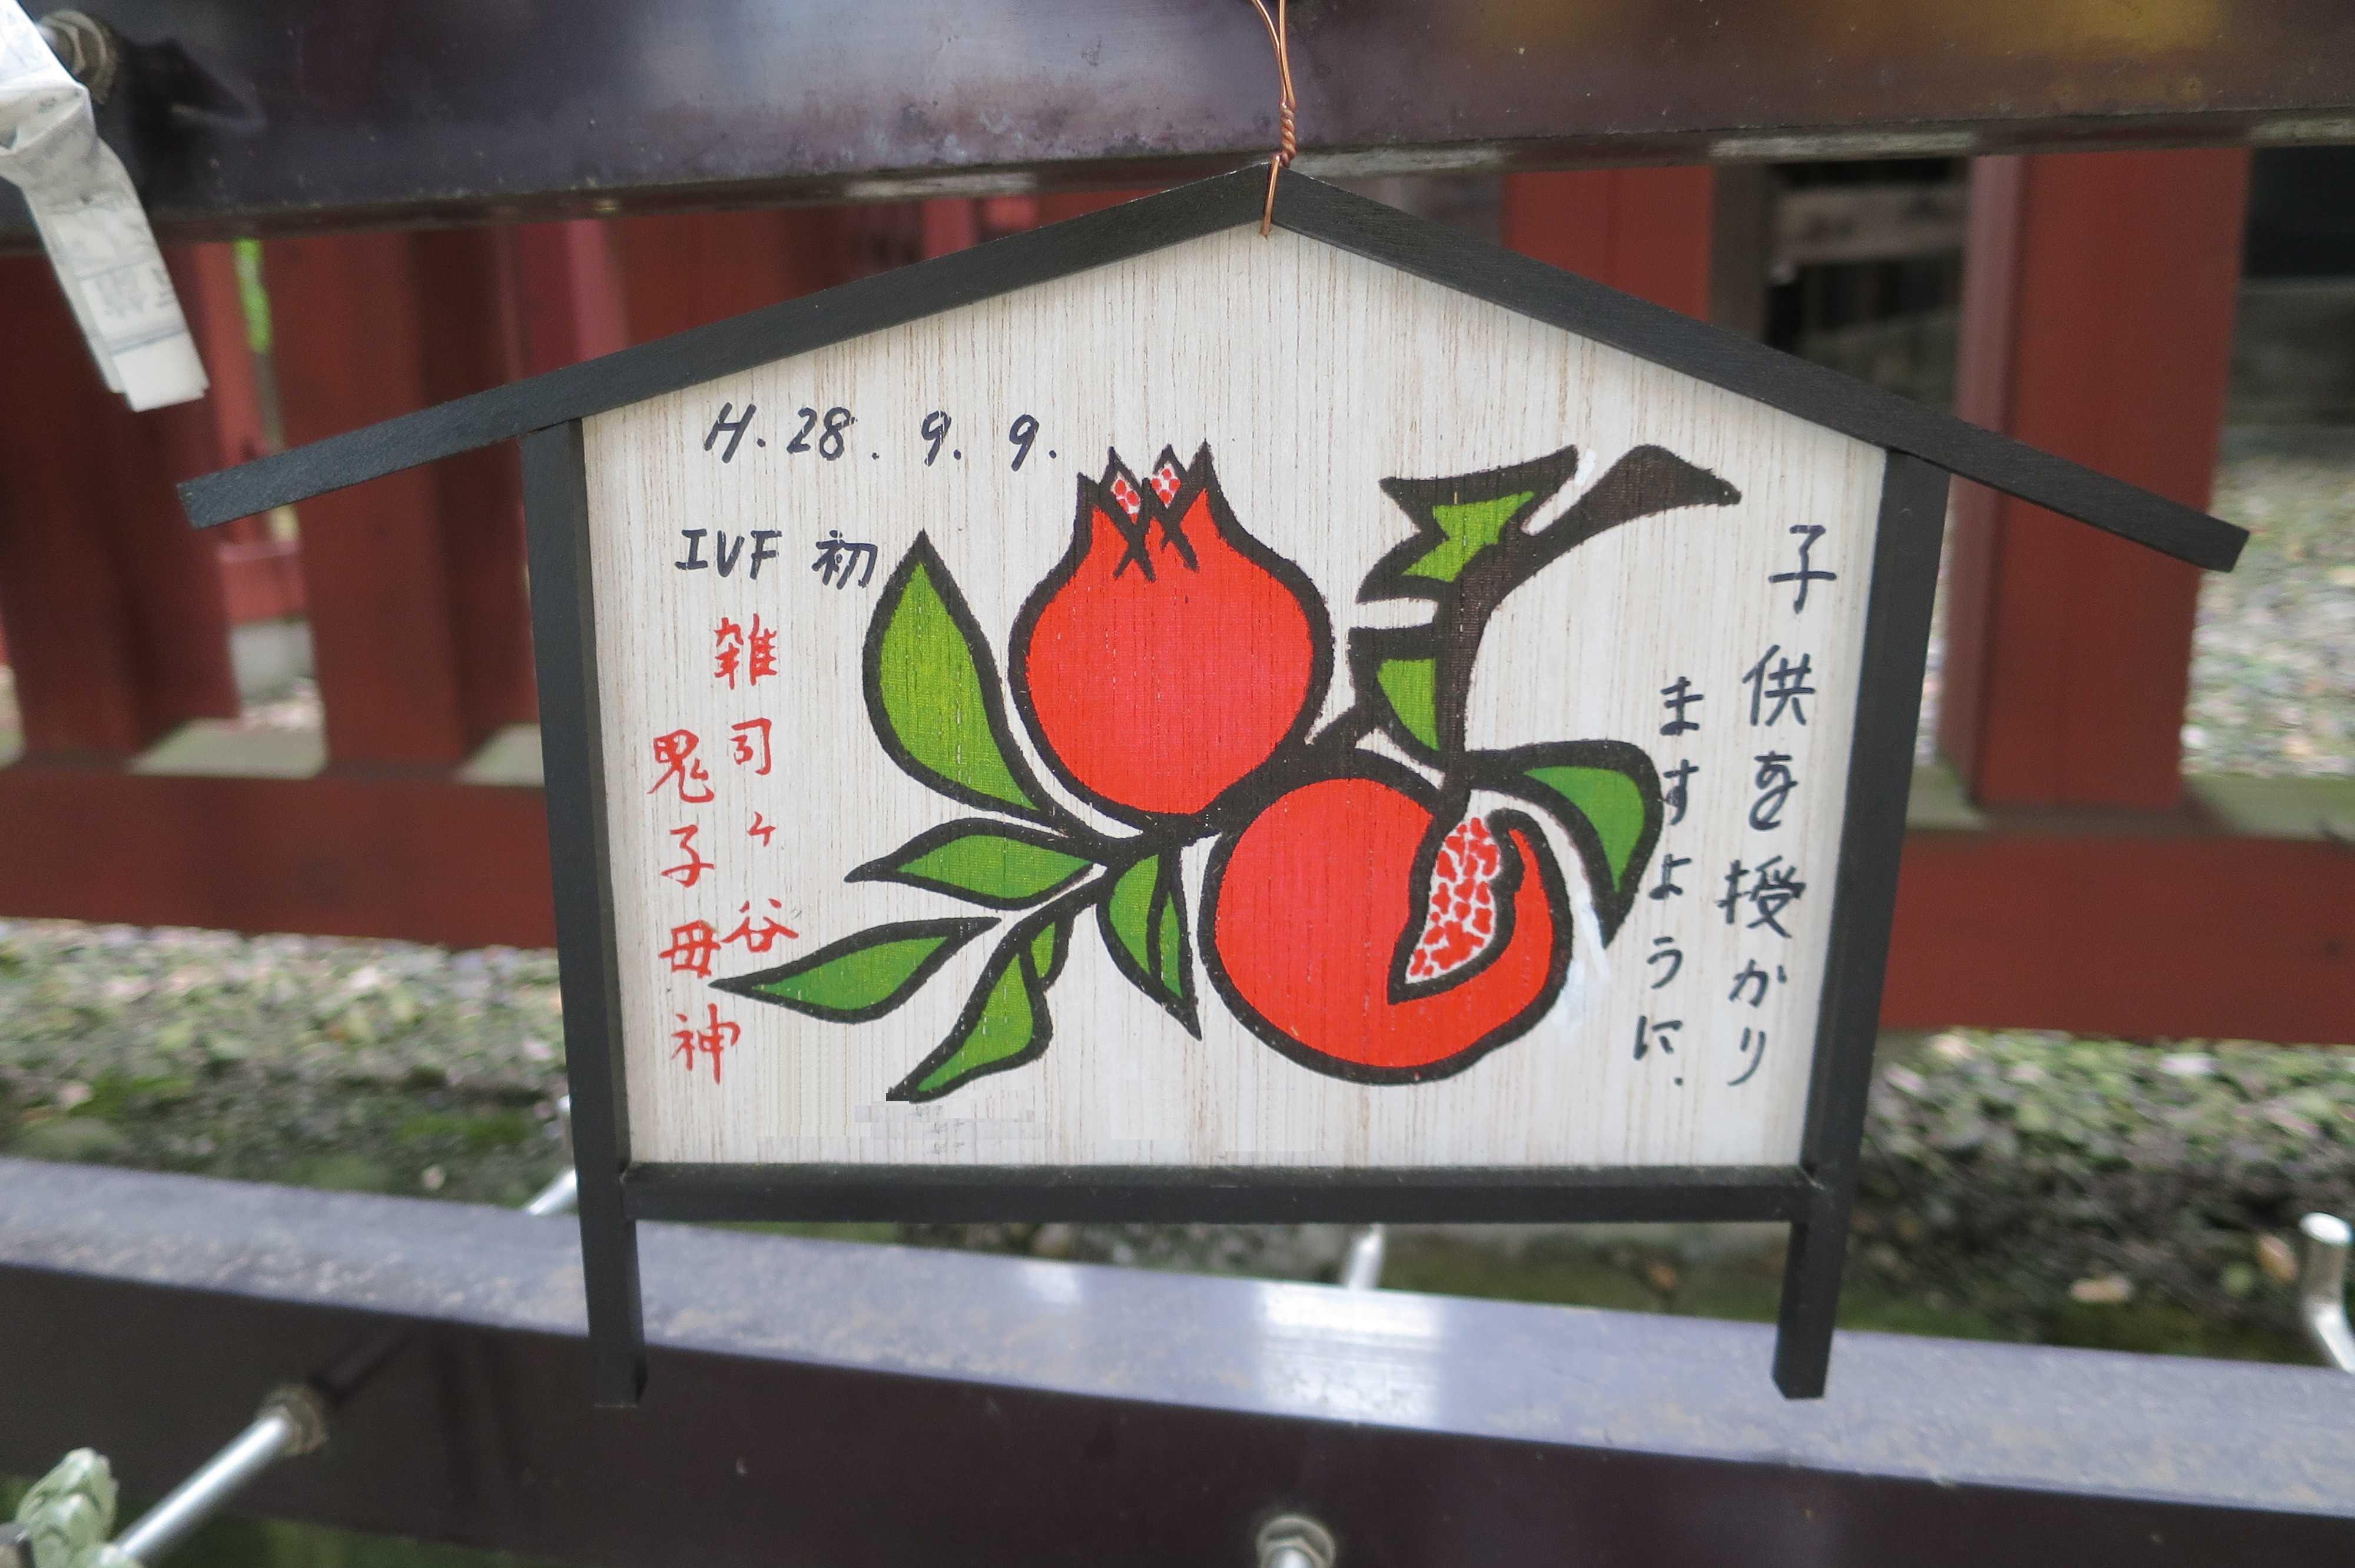 雑司ヶ谷 鬼子母神堂の絵馬 - 子供を授かりますように。